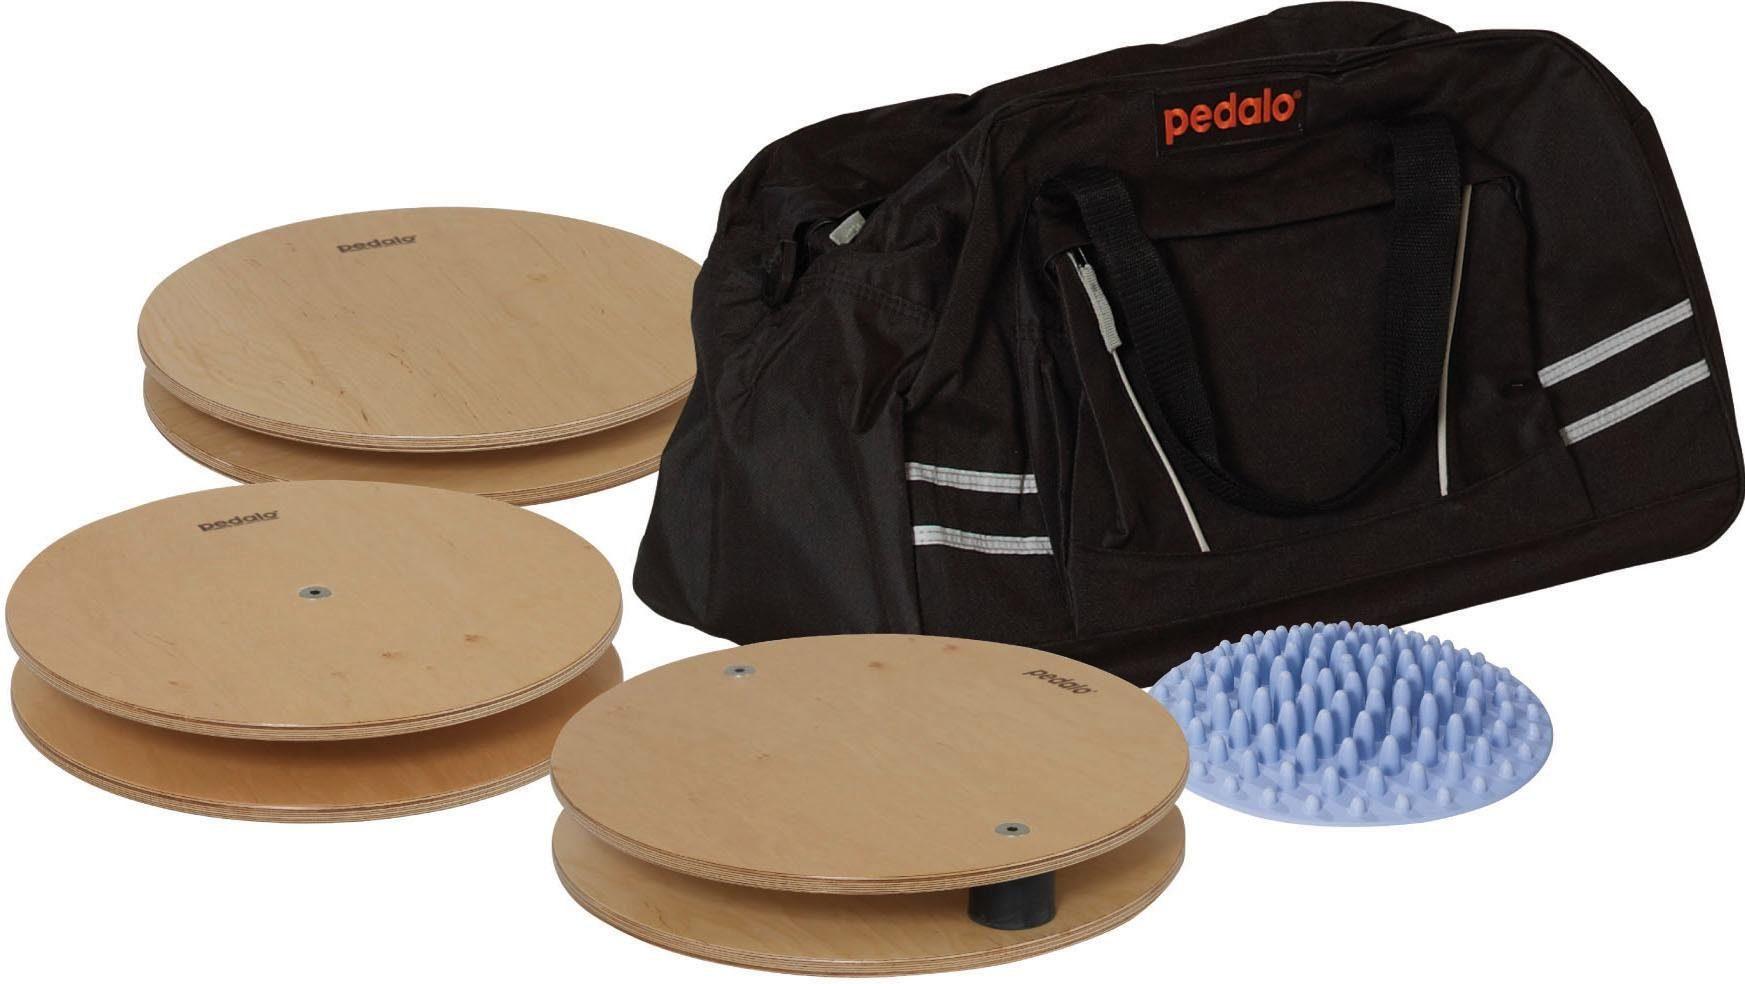 pedalo® Balanceboard, 4 verschiedene Trainingsgeräte mit Tragetasche